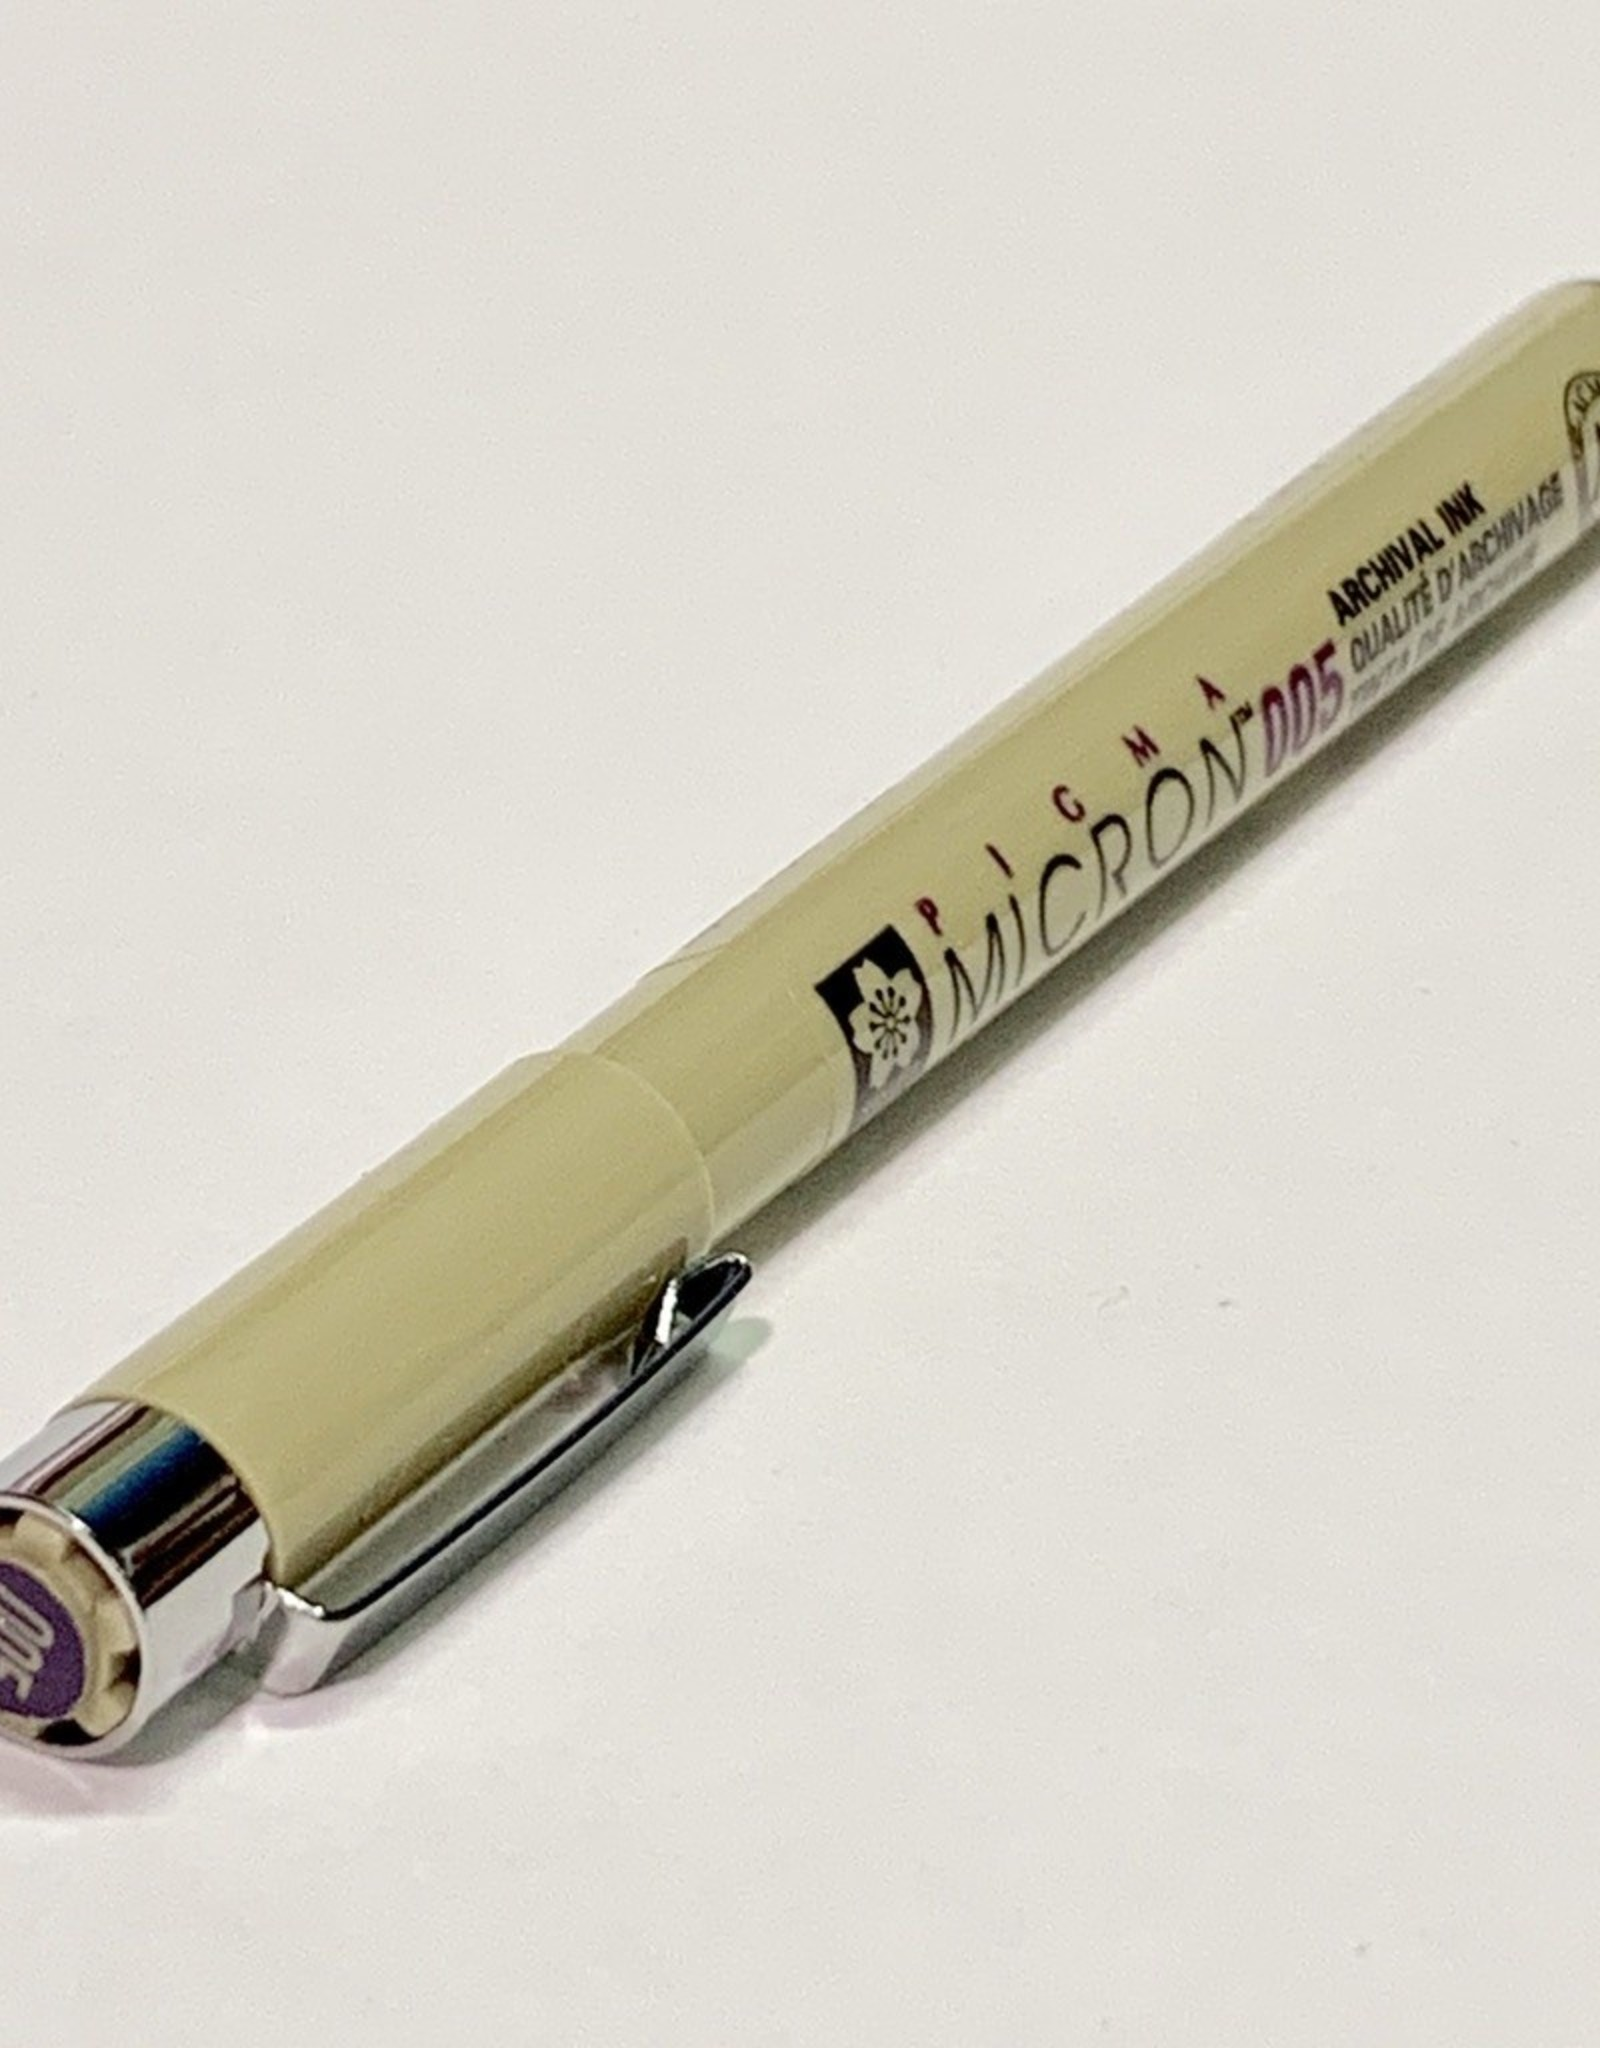 Sakura Micron Purple Pen 005 .20mm